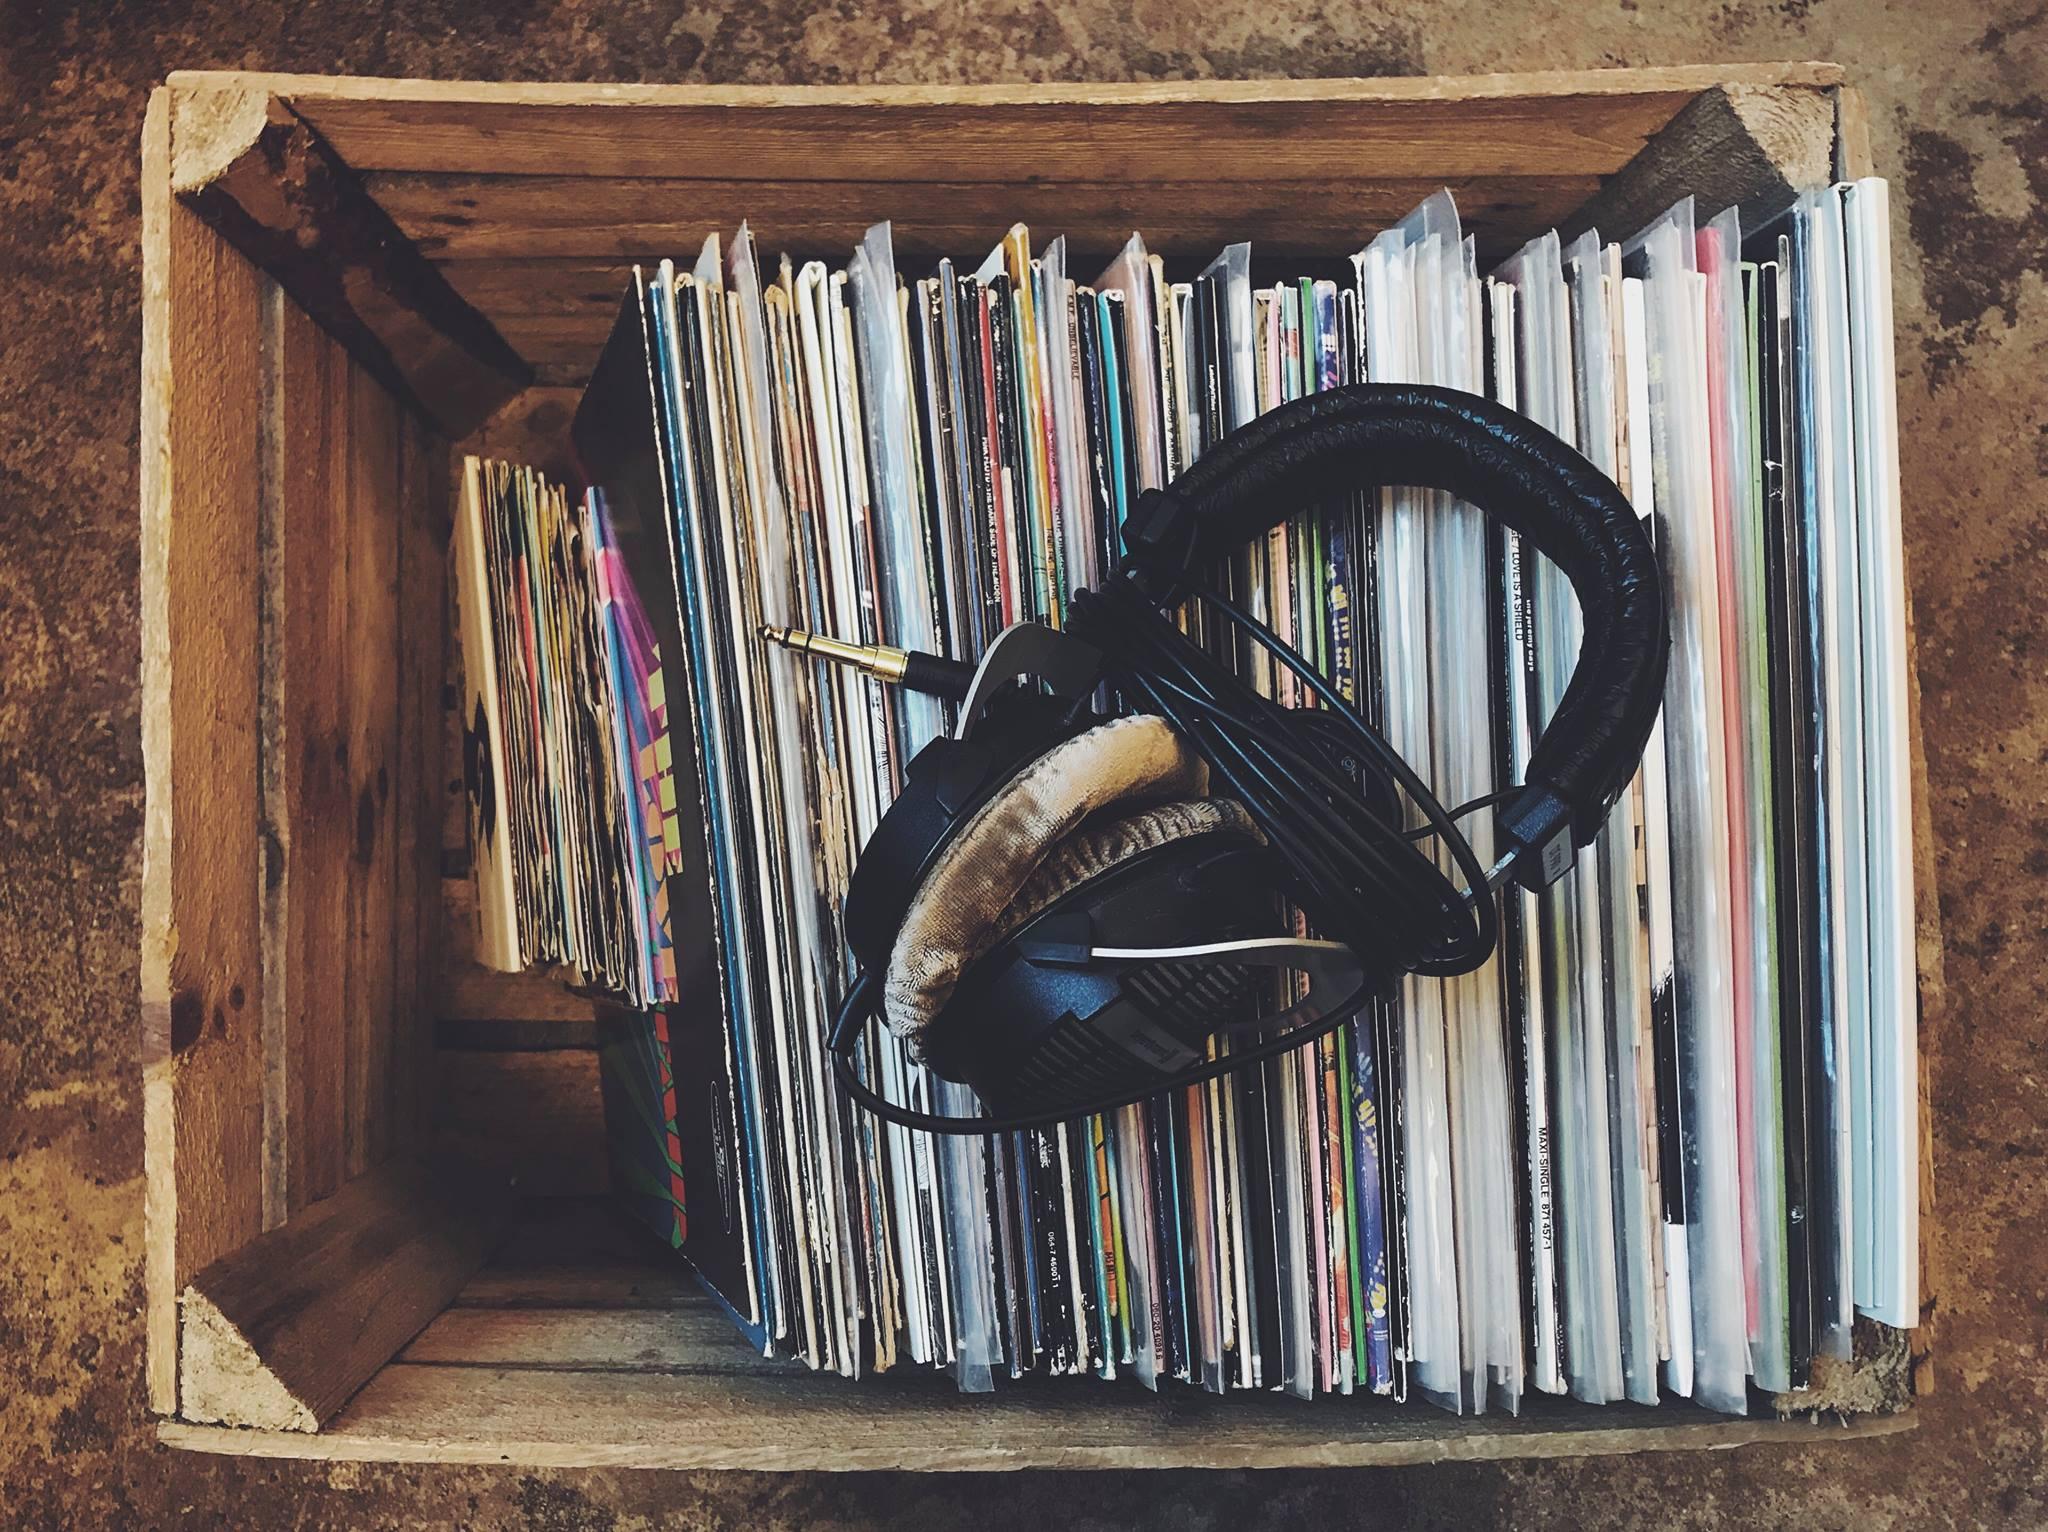 Super.Platten: Warmen Vinyl-Sound mit einem Glas Wein genießen!